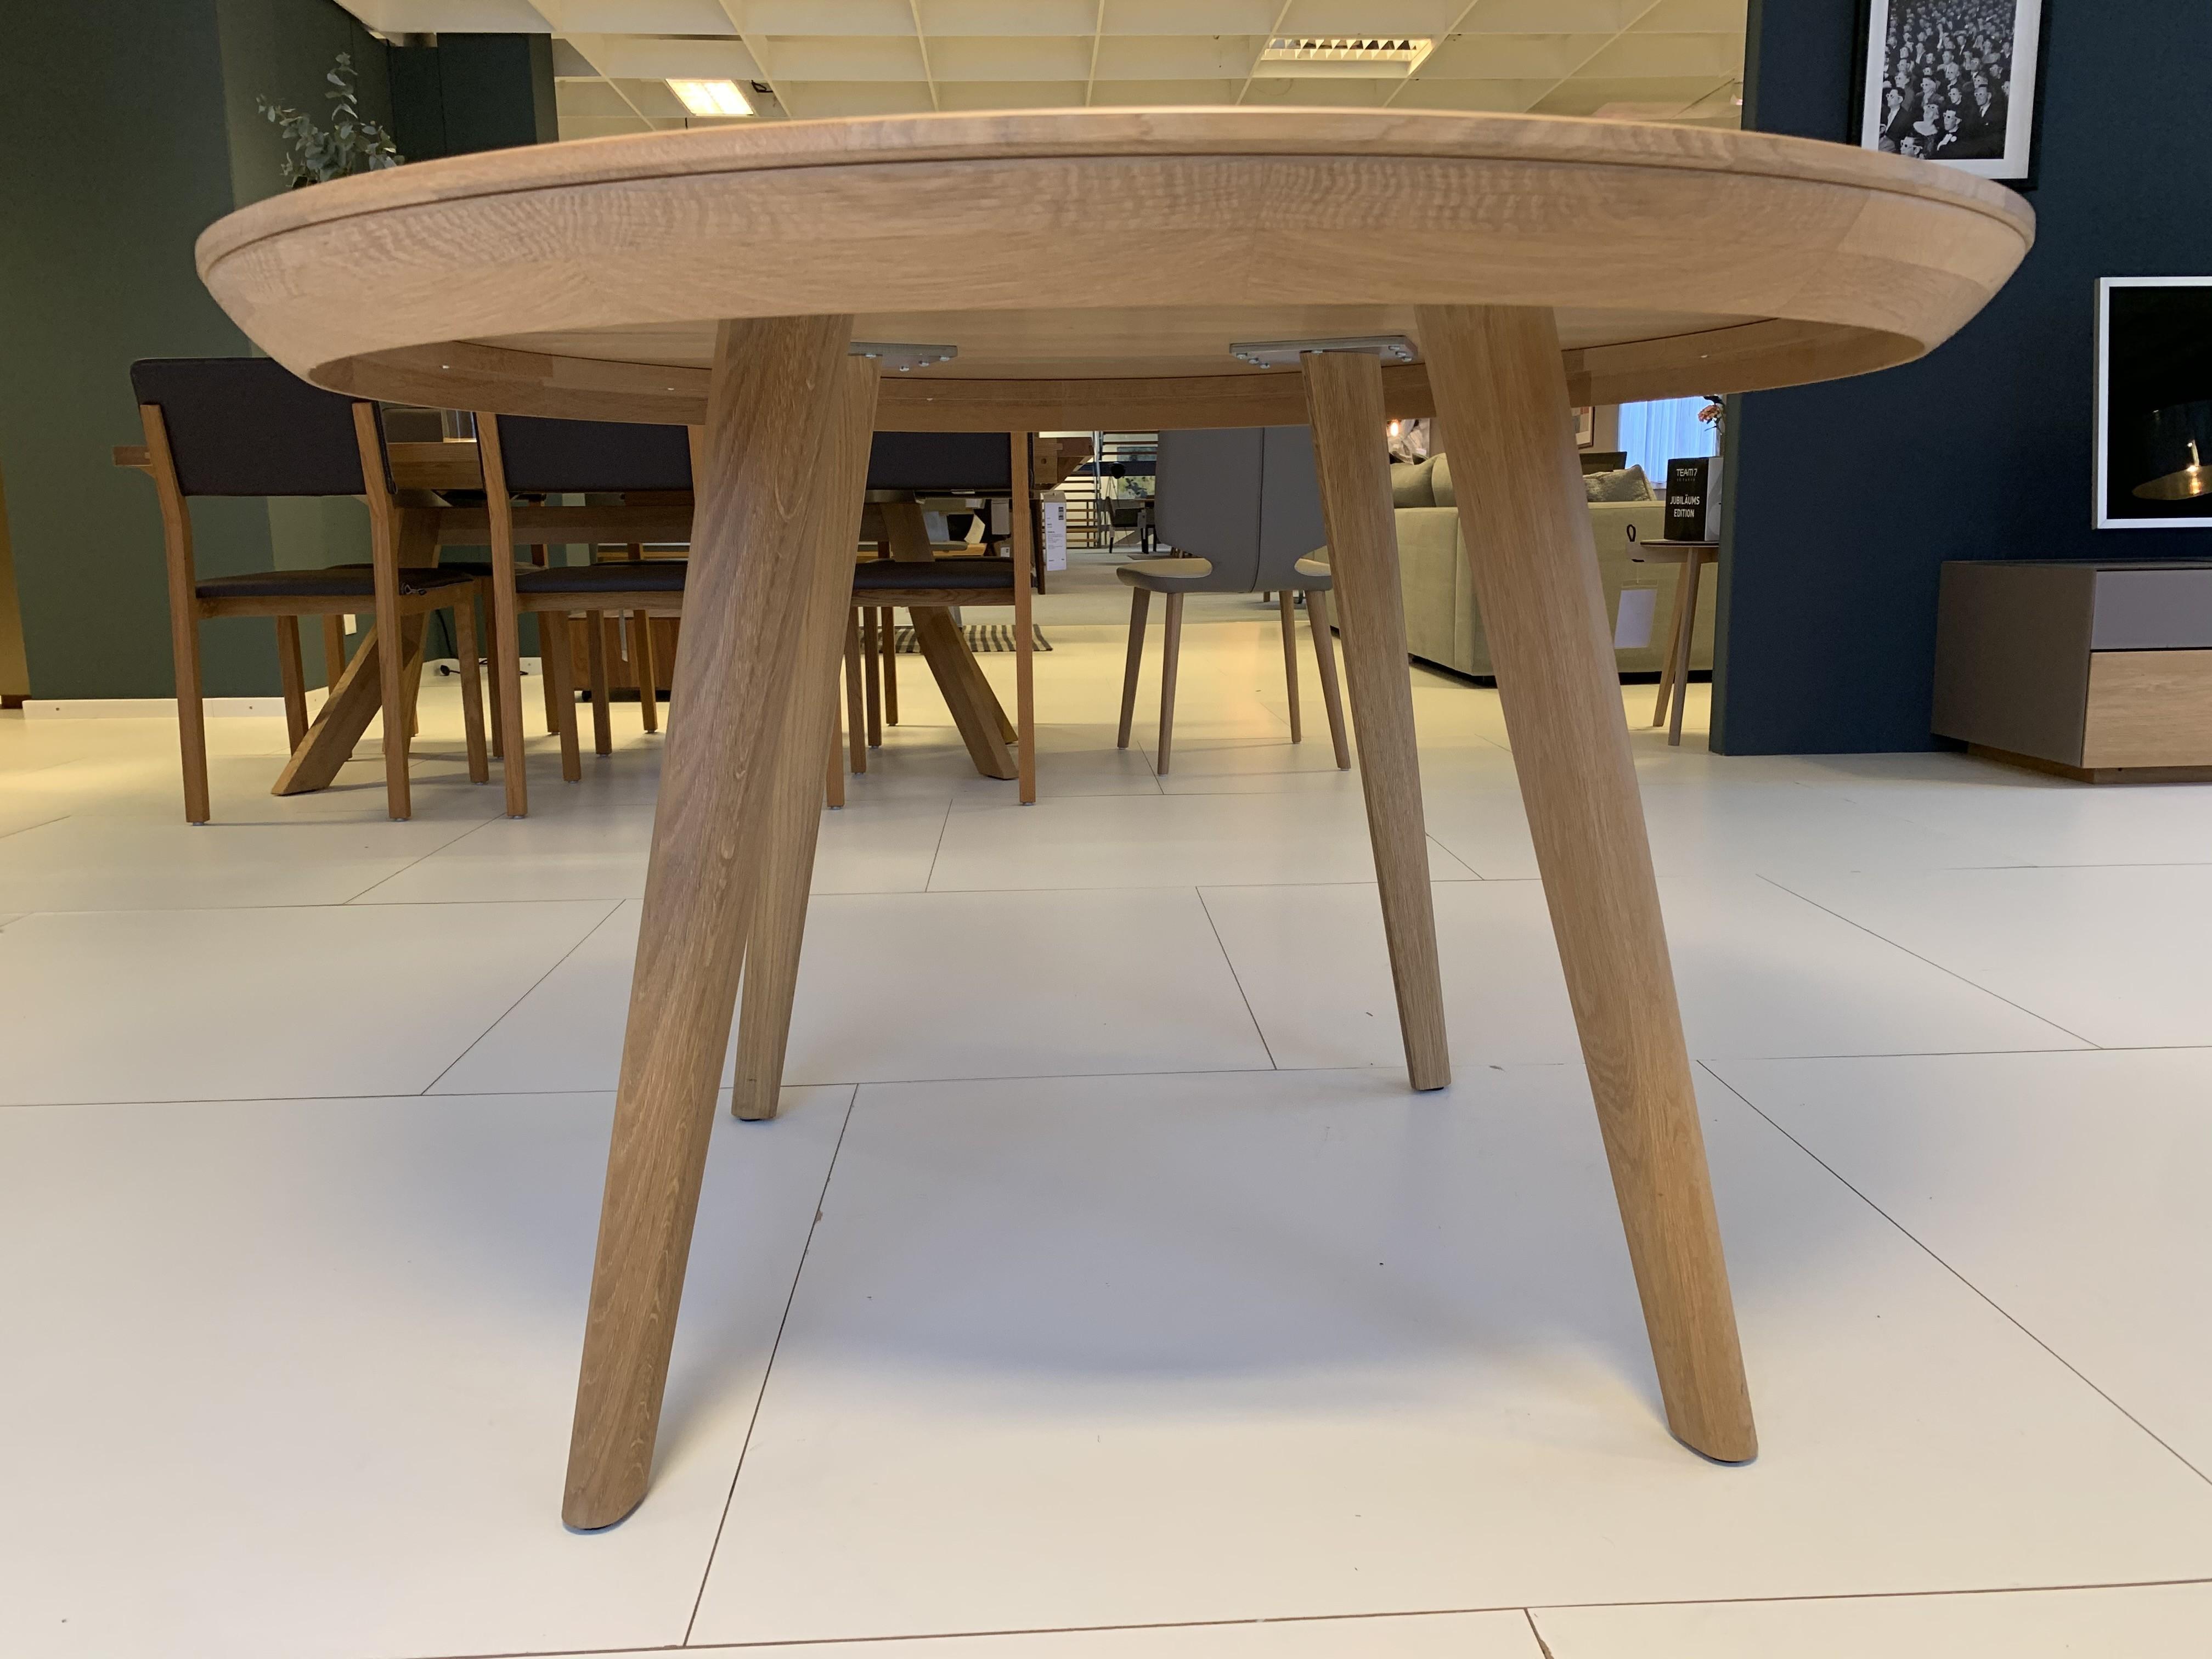 Esskombintation Tisch und Stühle (4 STK) Team7 03